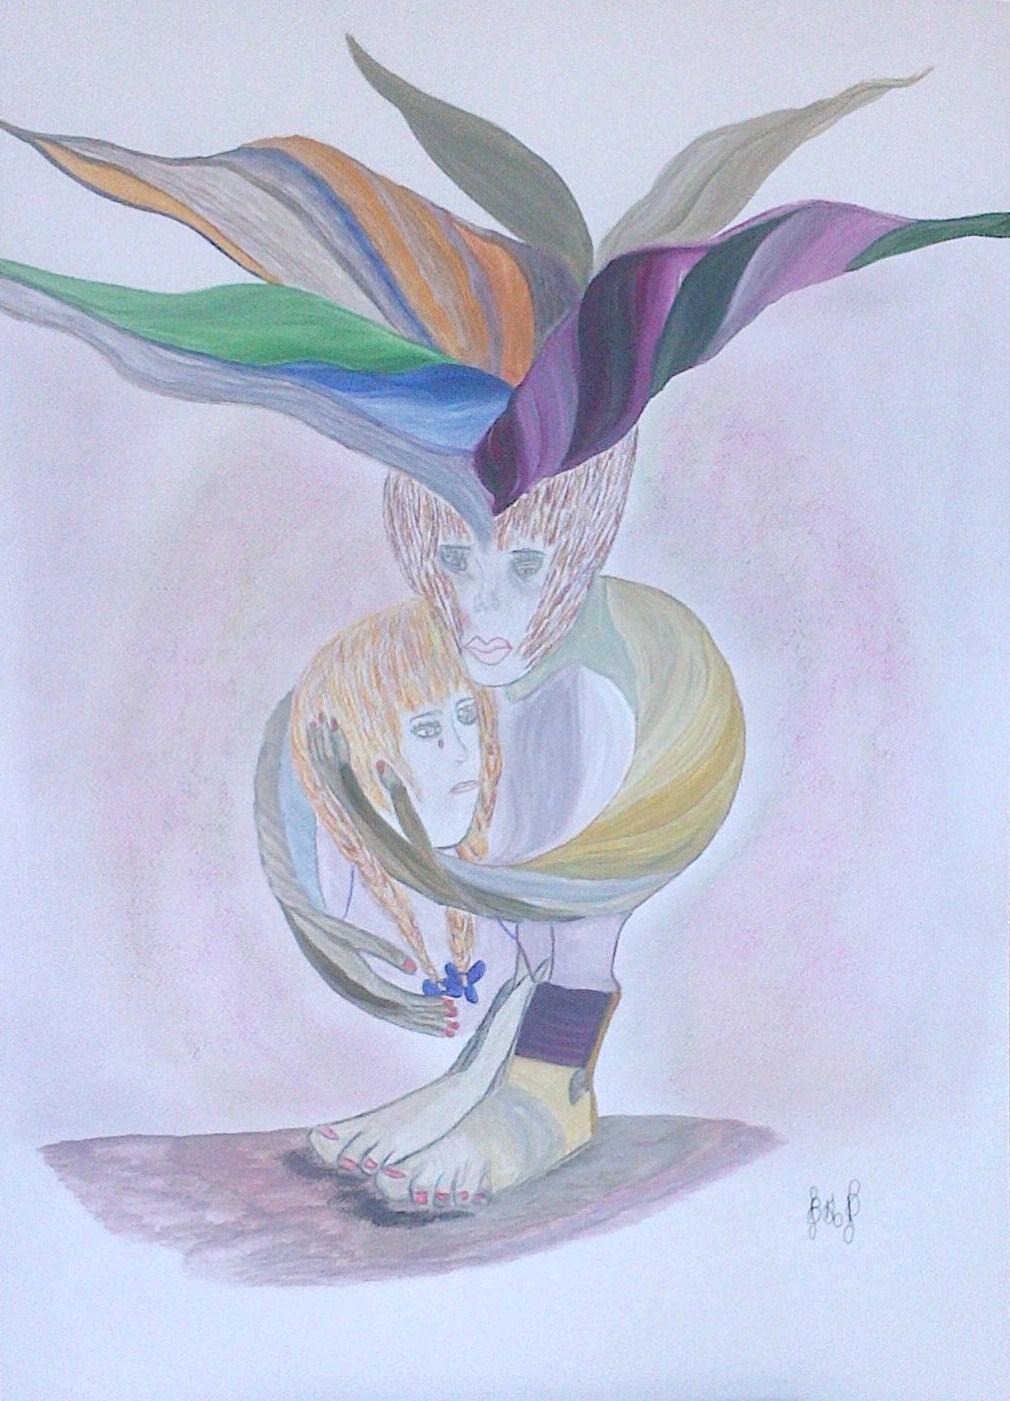 bd-aquarelle-n-814-beatrice-fait-un-geste-de-tendresse-a-sa-personnalite-bg-2